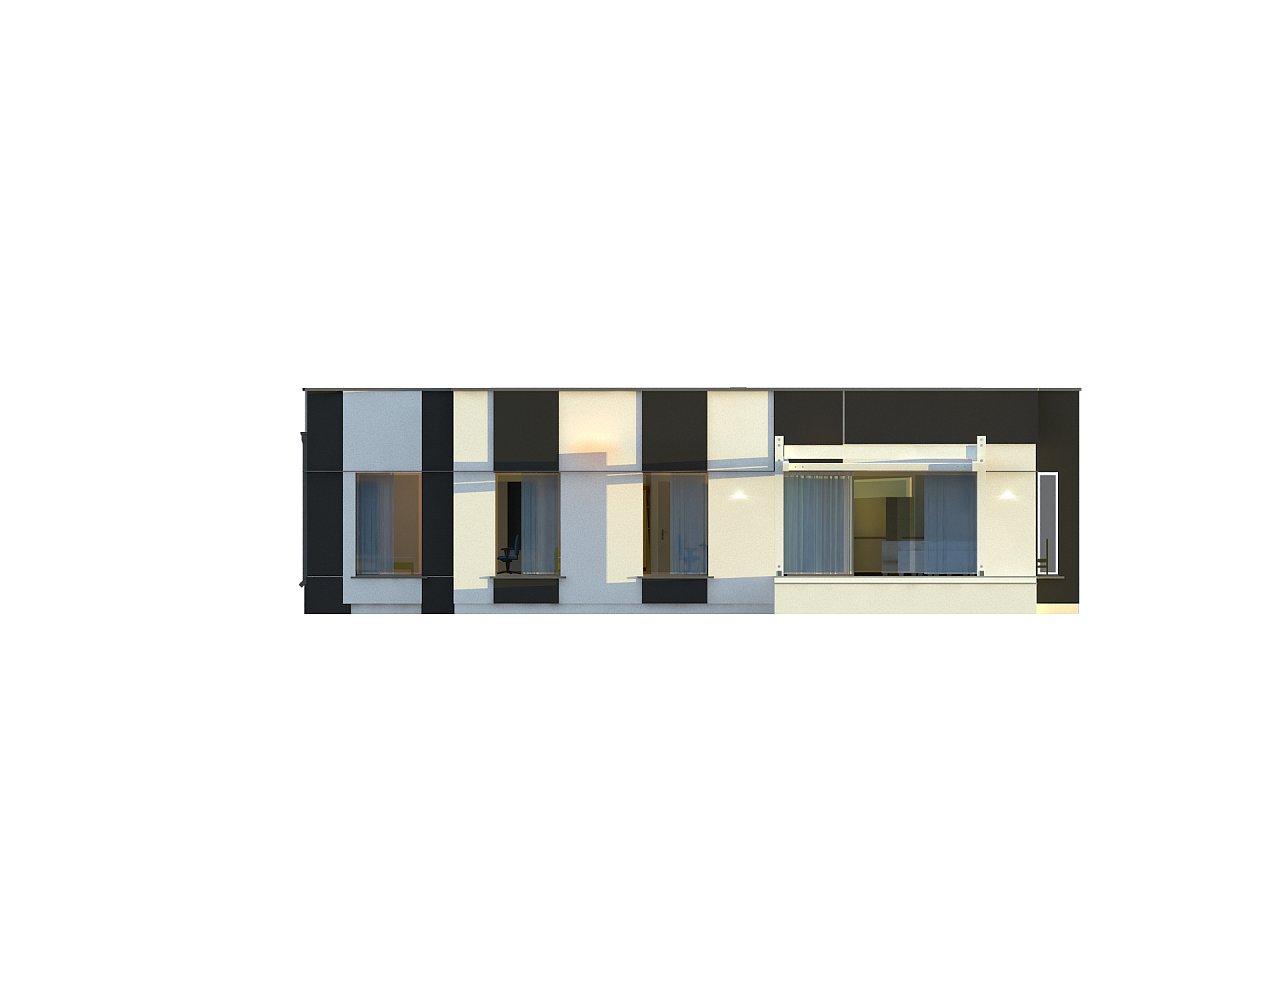 Одноэтажный комфортный дом в стиле хай-тек. 26